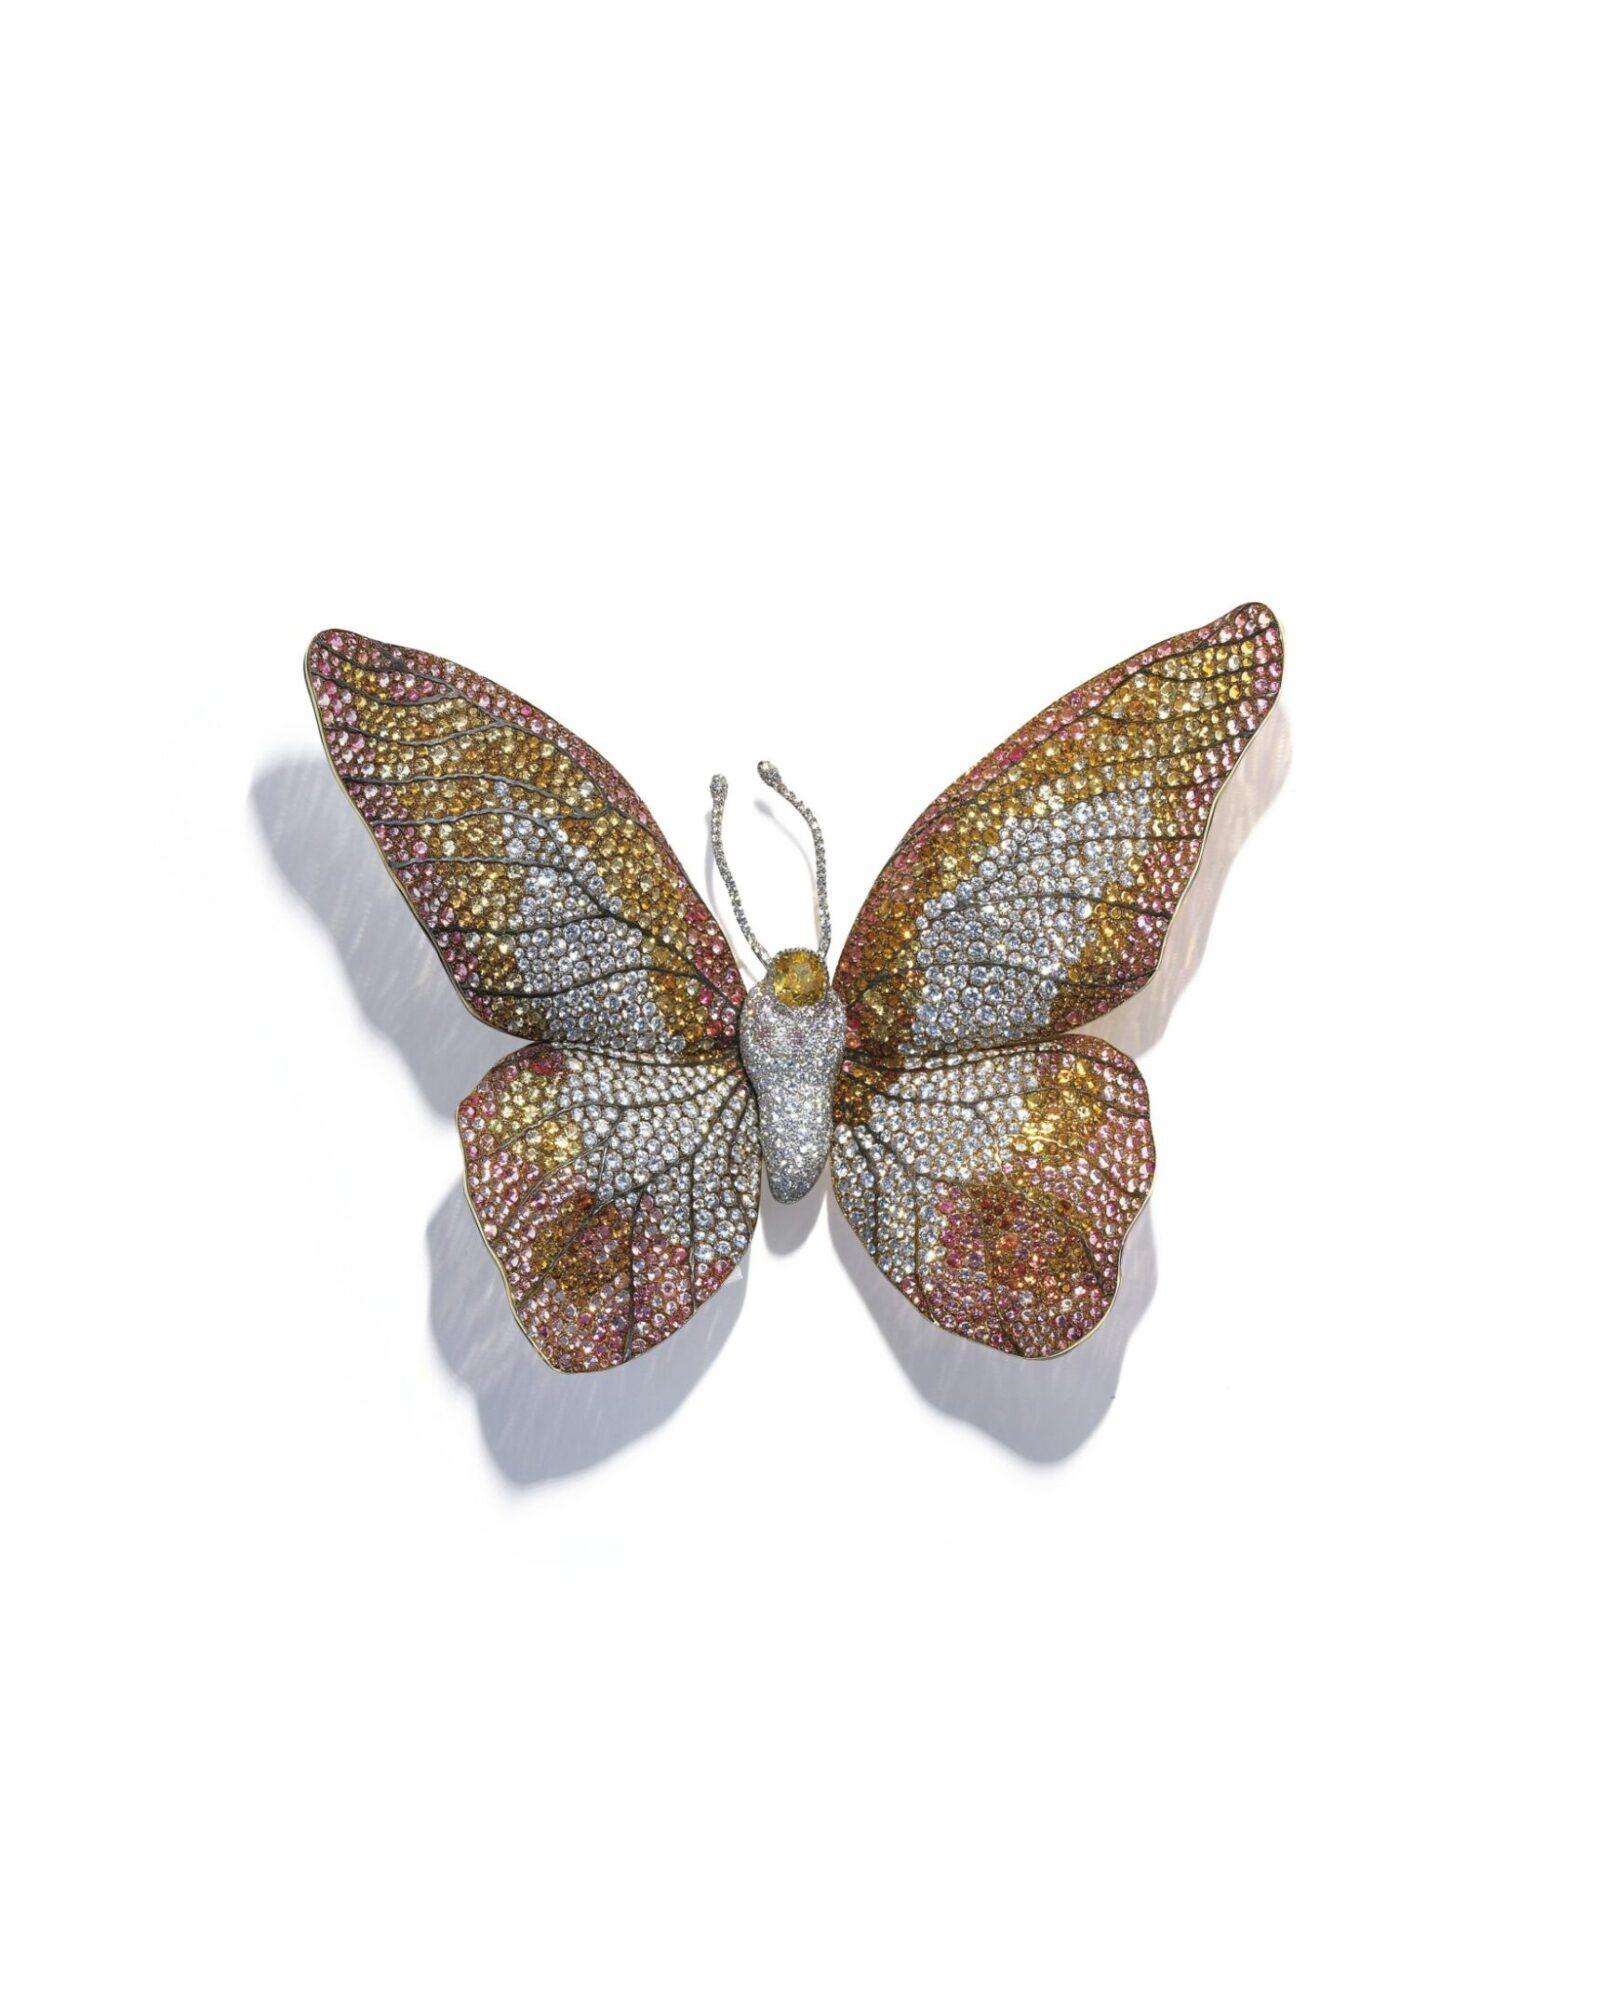 Multi-gem Butterfly brooch by JAR, estiamte CHF400,000-600,000